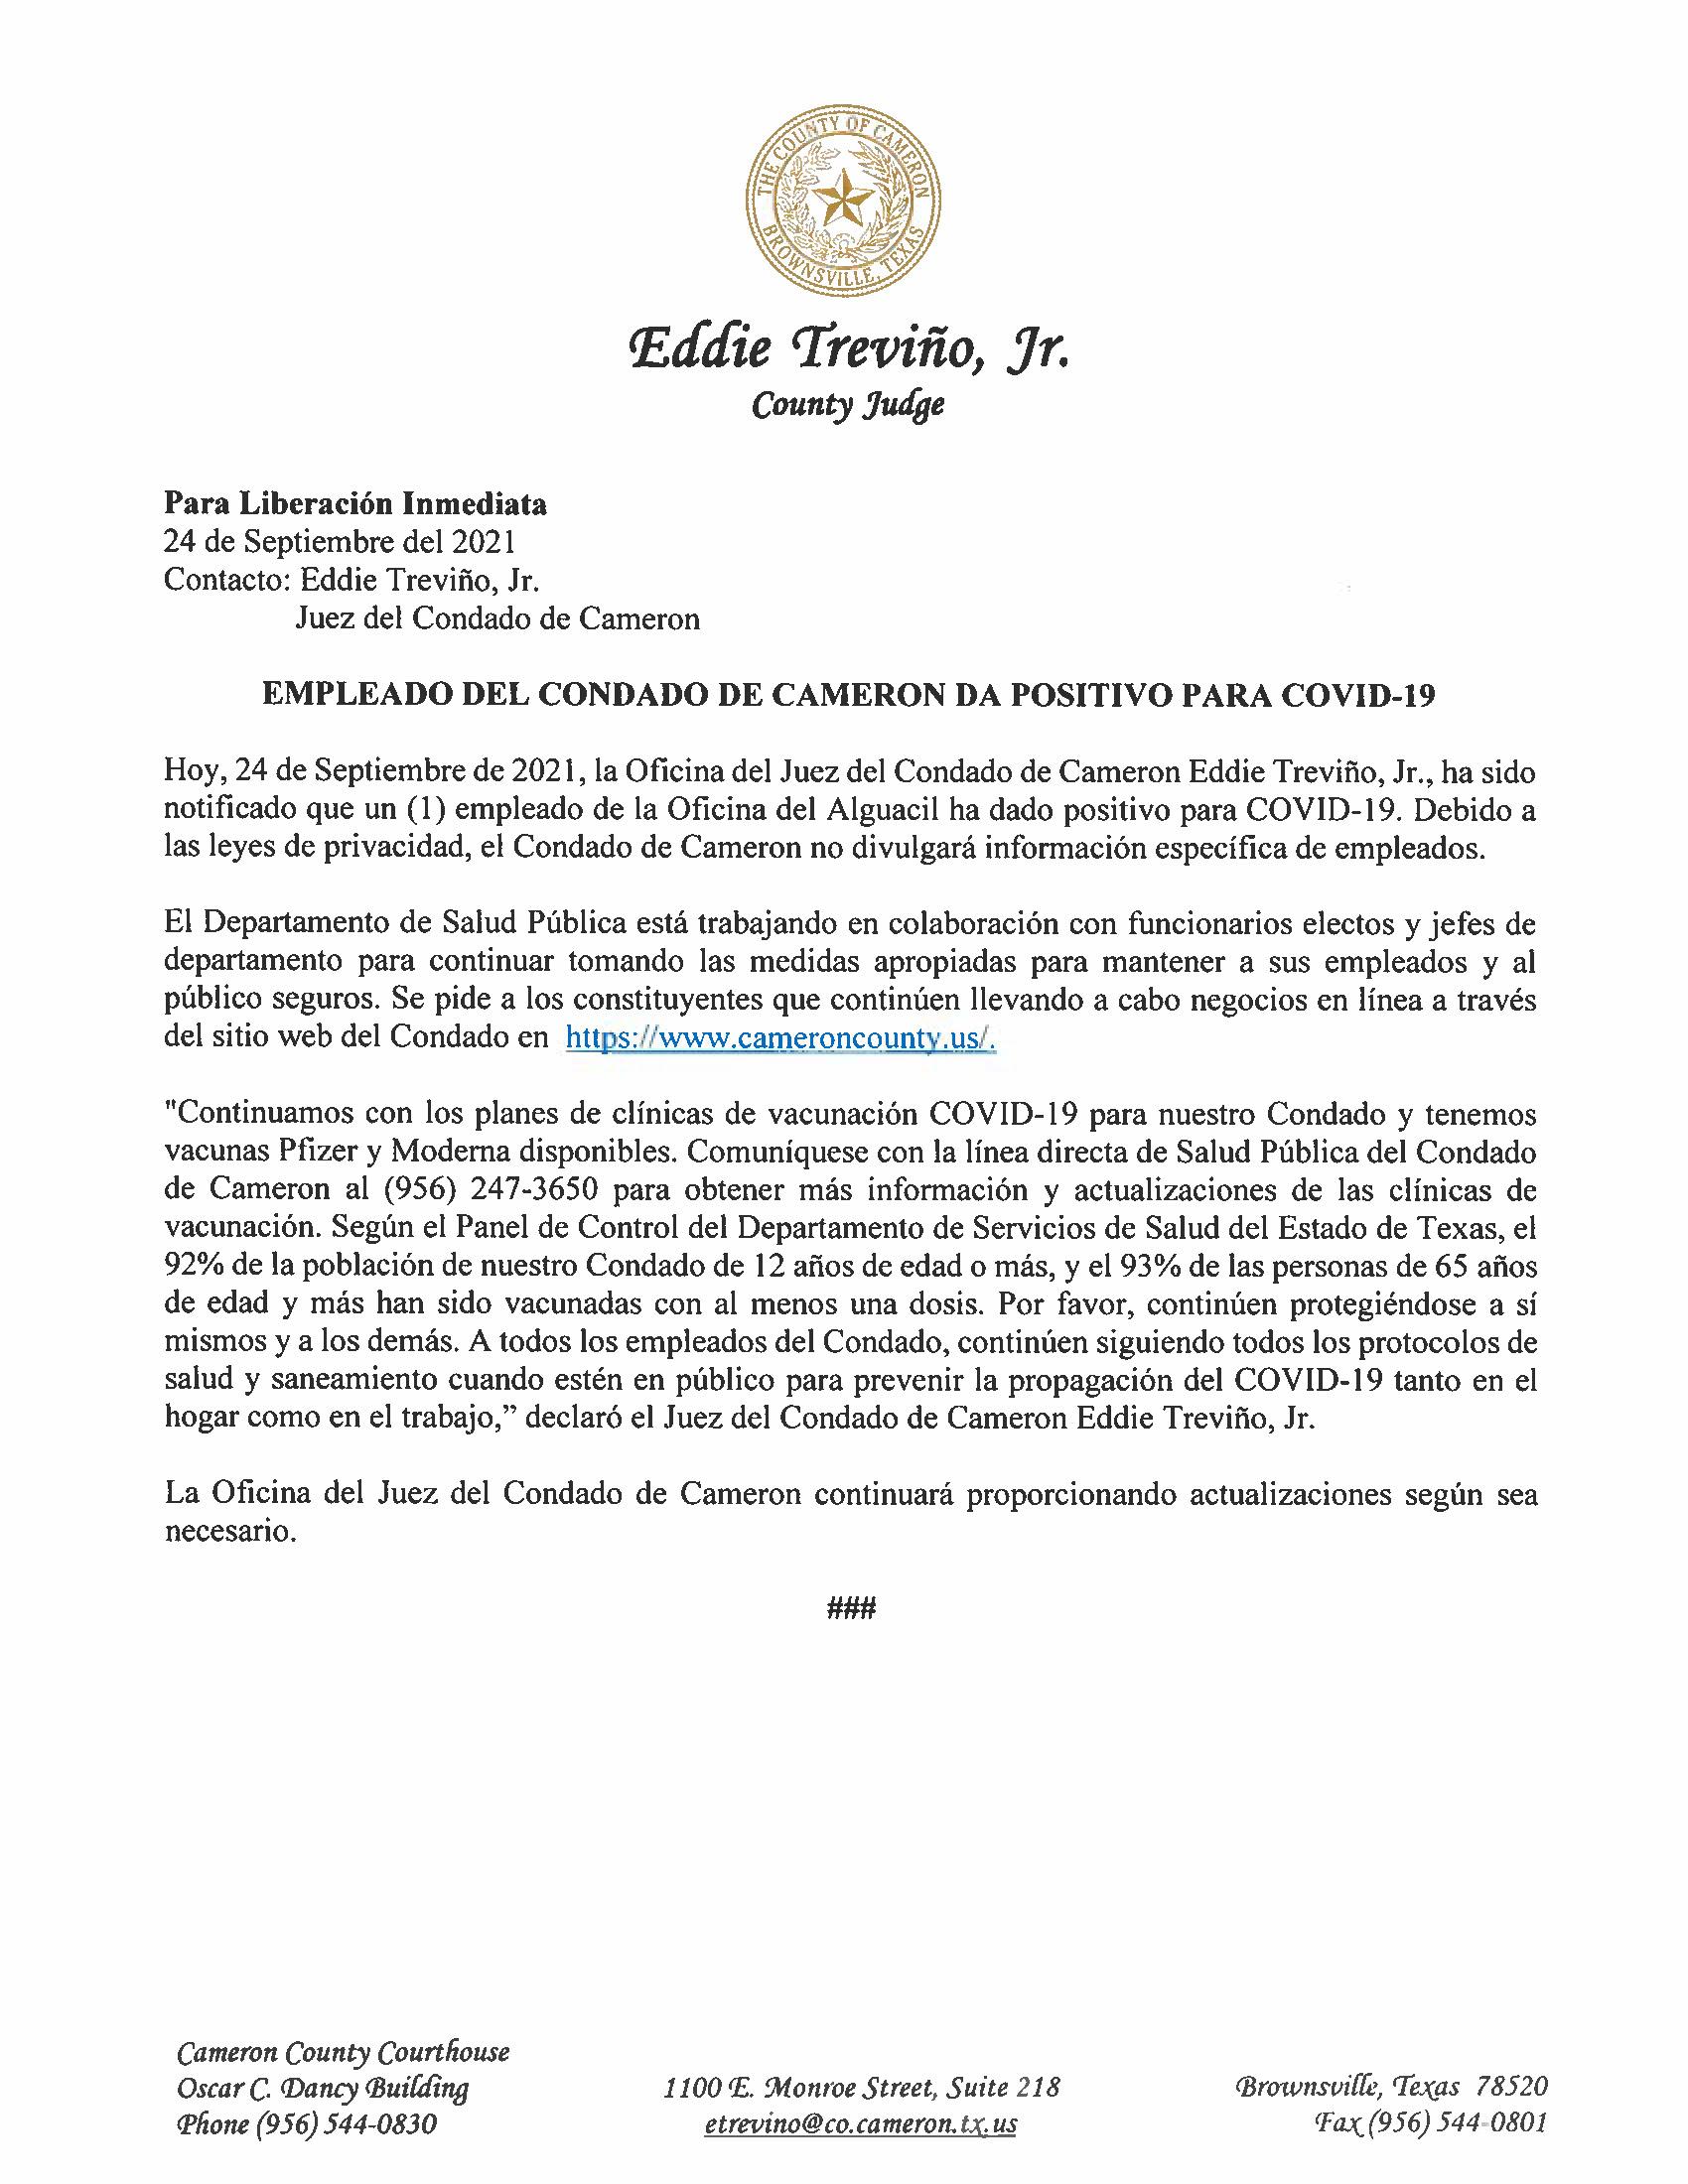 9.24.21 Empleado Del Condado De Cameron Da Positivo Para COVID 19